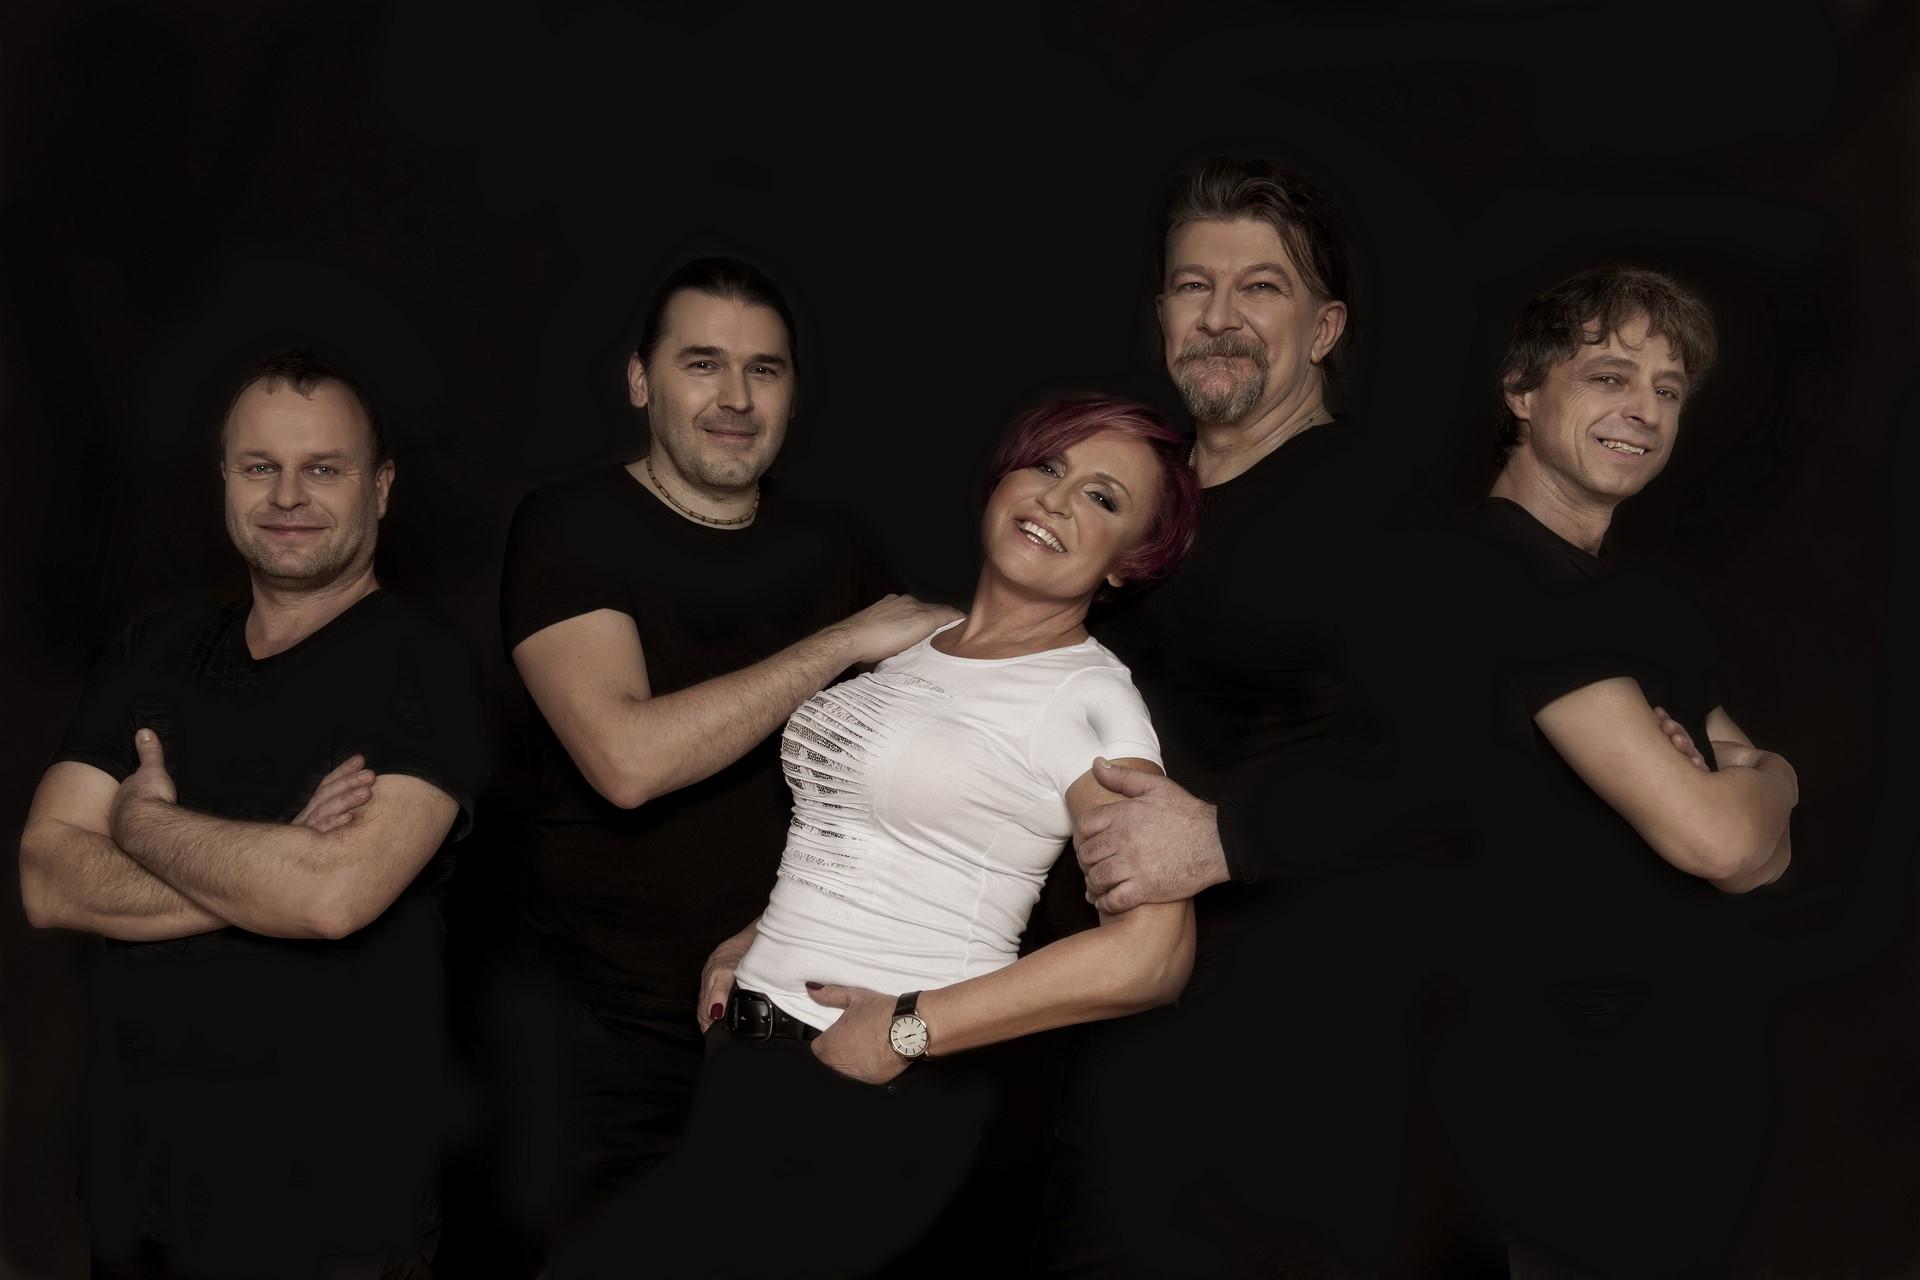 pozvánka na koncert Petry Janů za doprovodu skupiny Amsterdam zdroj: DK Šumperk